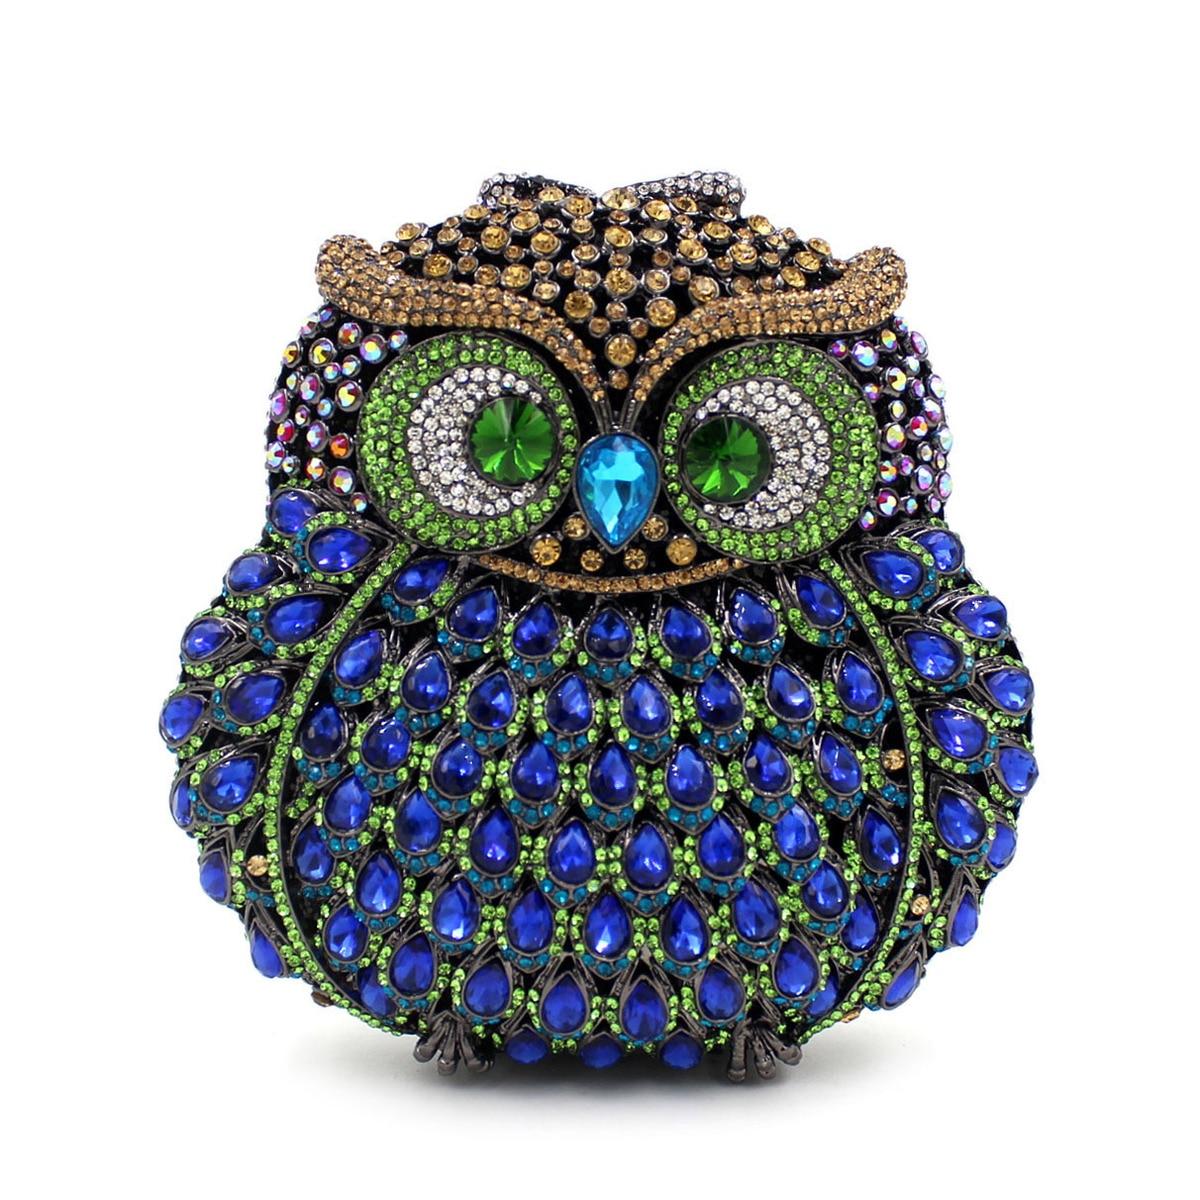 Boîte cadeau hibou diamant soirée femmes sac fête cristaux embrayages Miaudieres mariage sacs à main dames évider sacs à main Bolsas